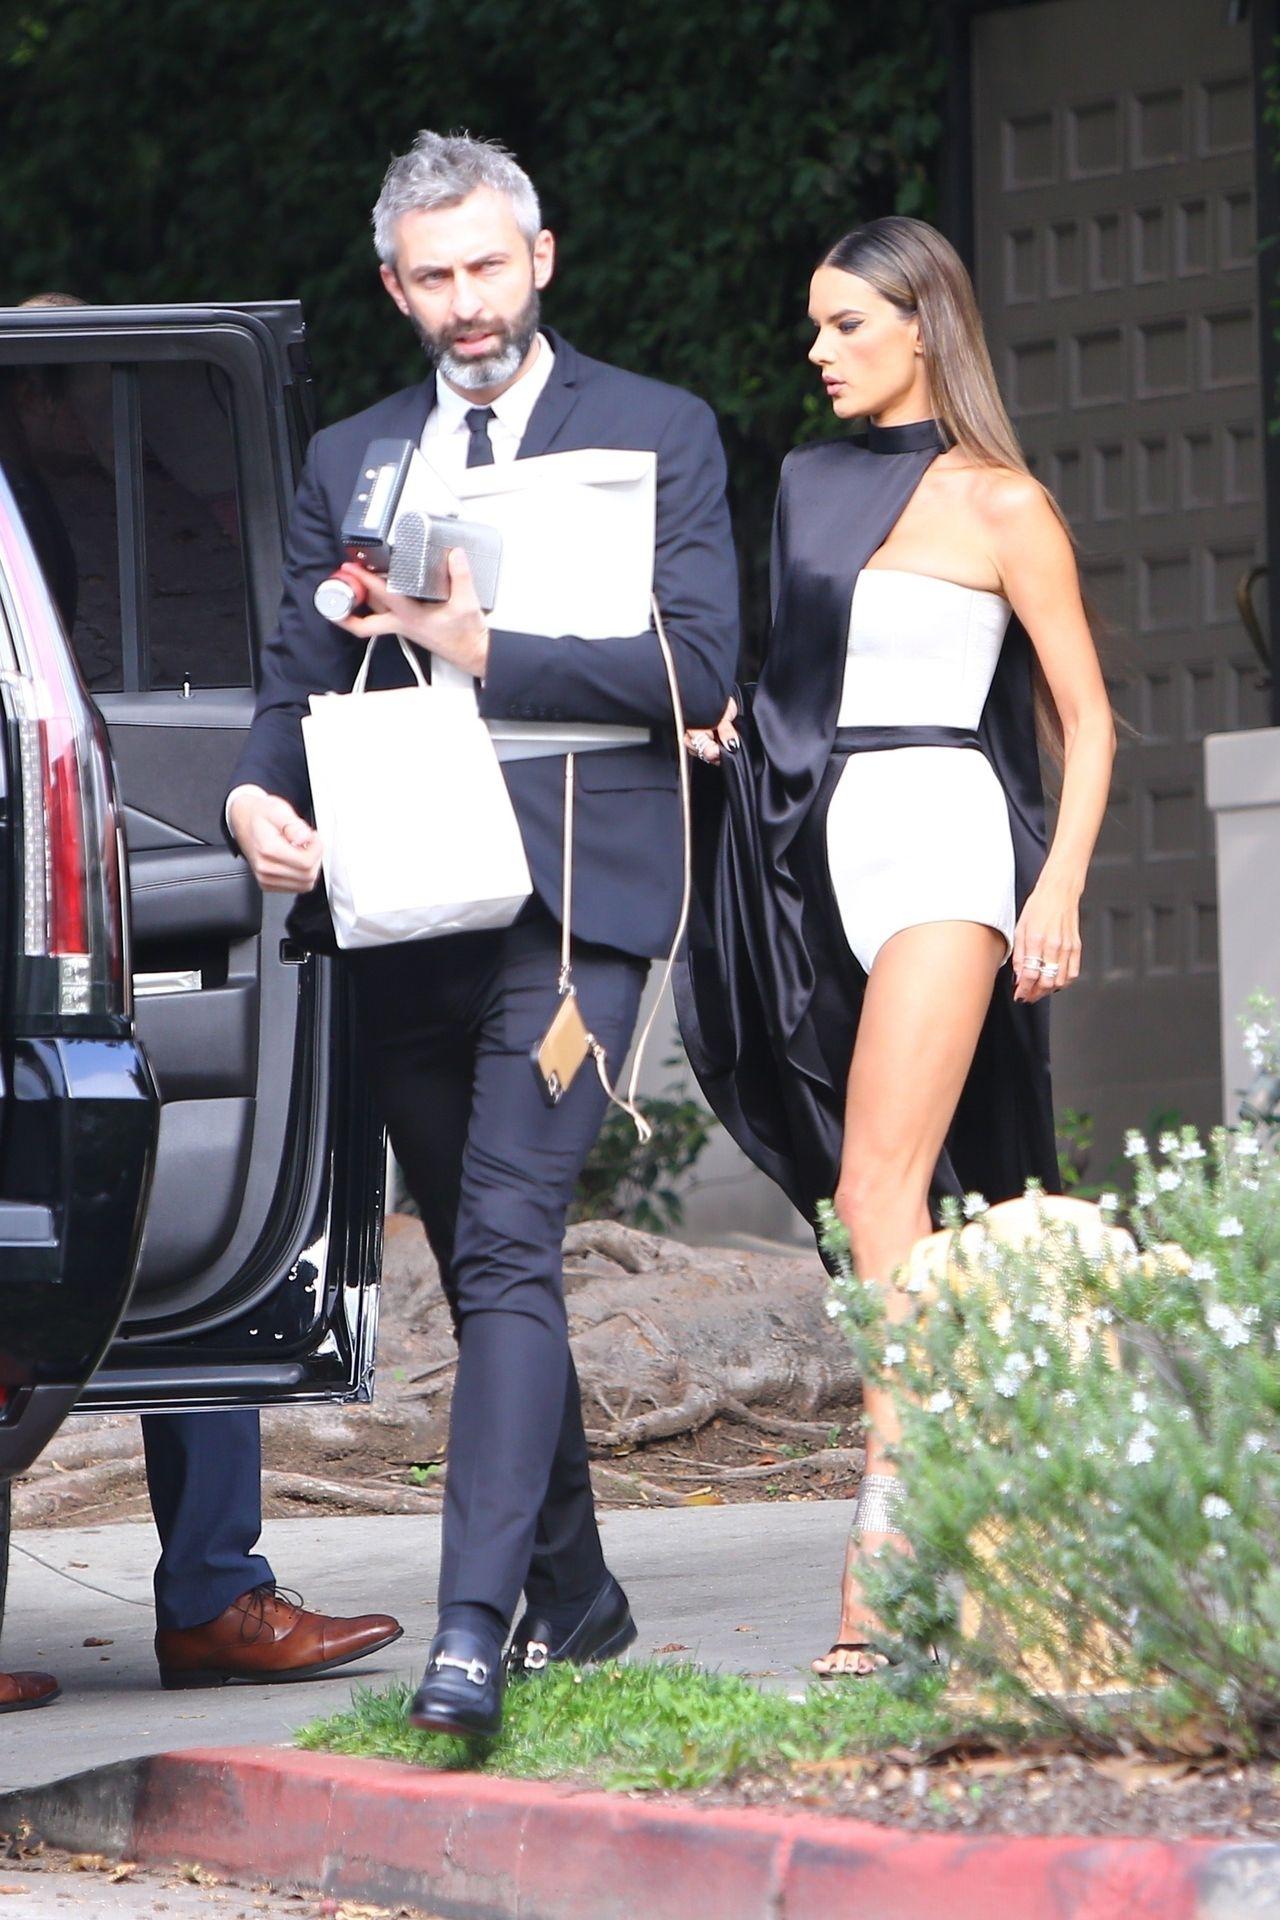 Alessandra Ambrosio Looks Stunning Ahead Of The Grammys 0014